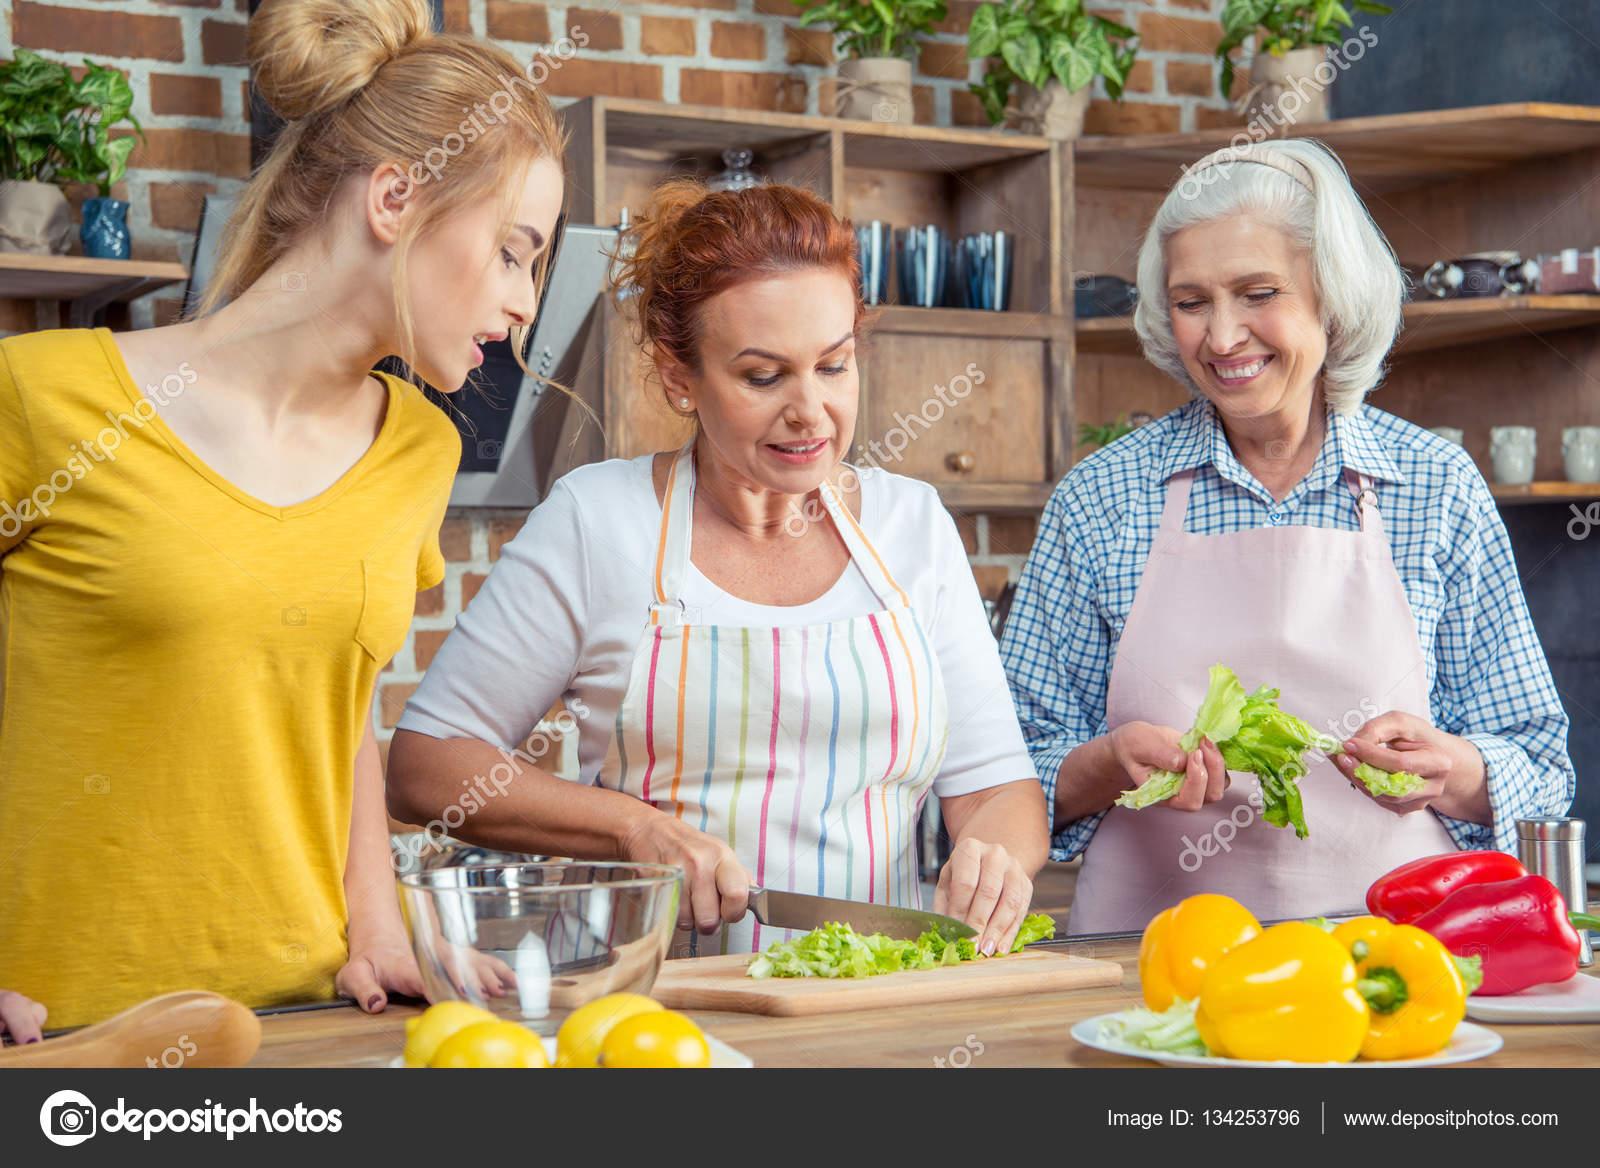 Familia cocinando juntos en la cocina foto de stock for Canal cocina cocina de familia